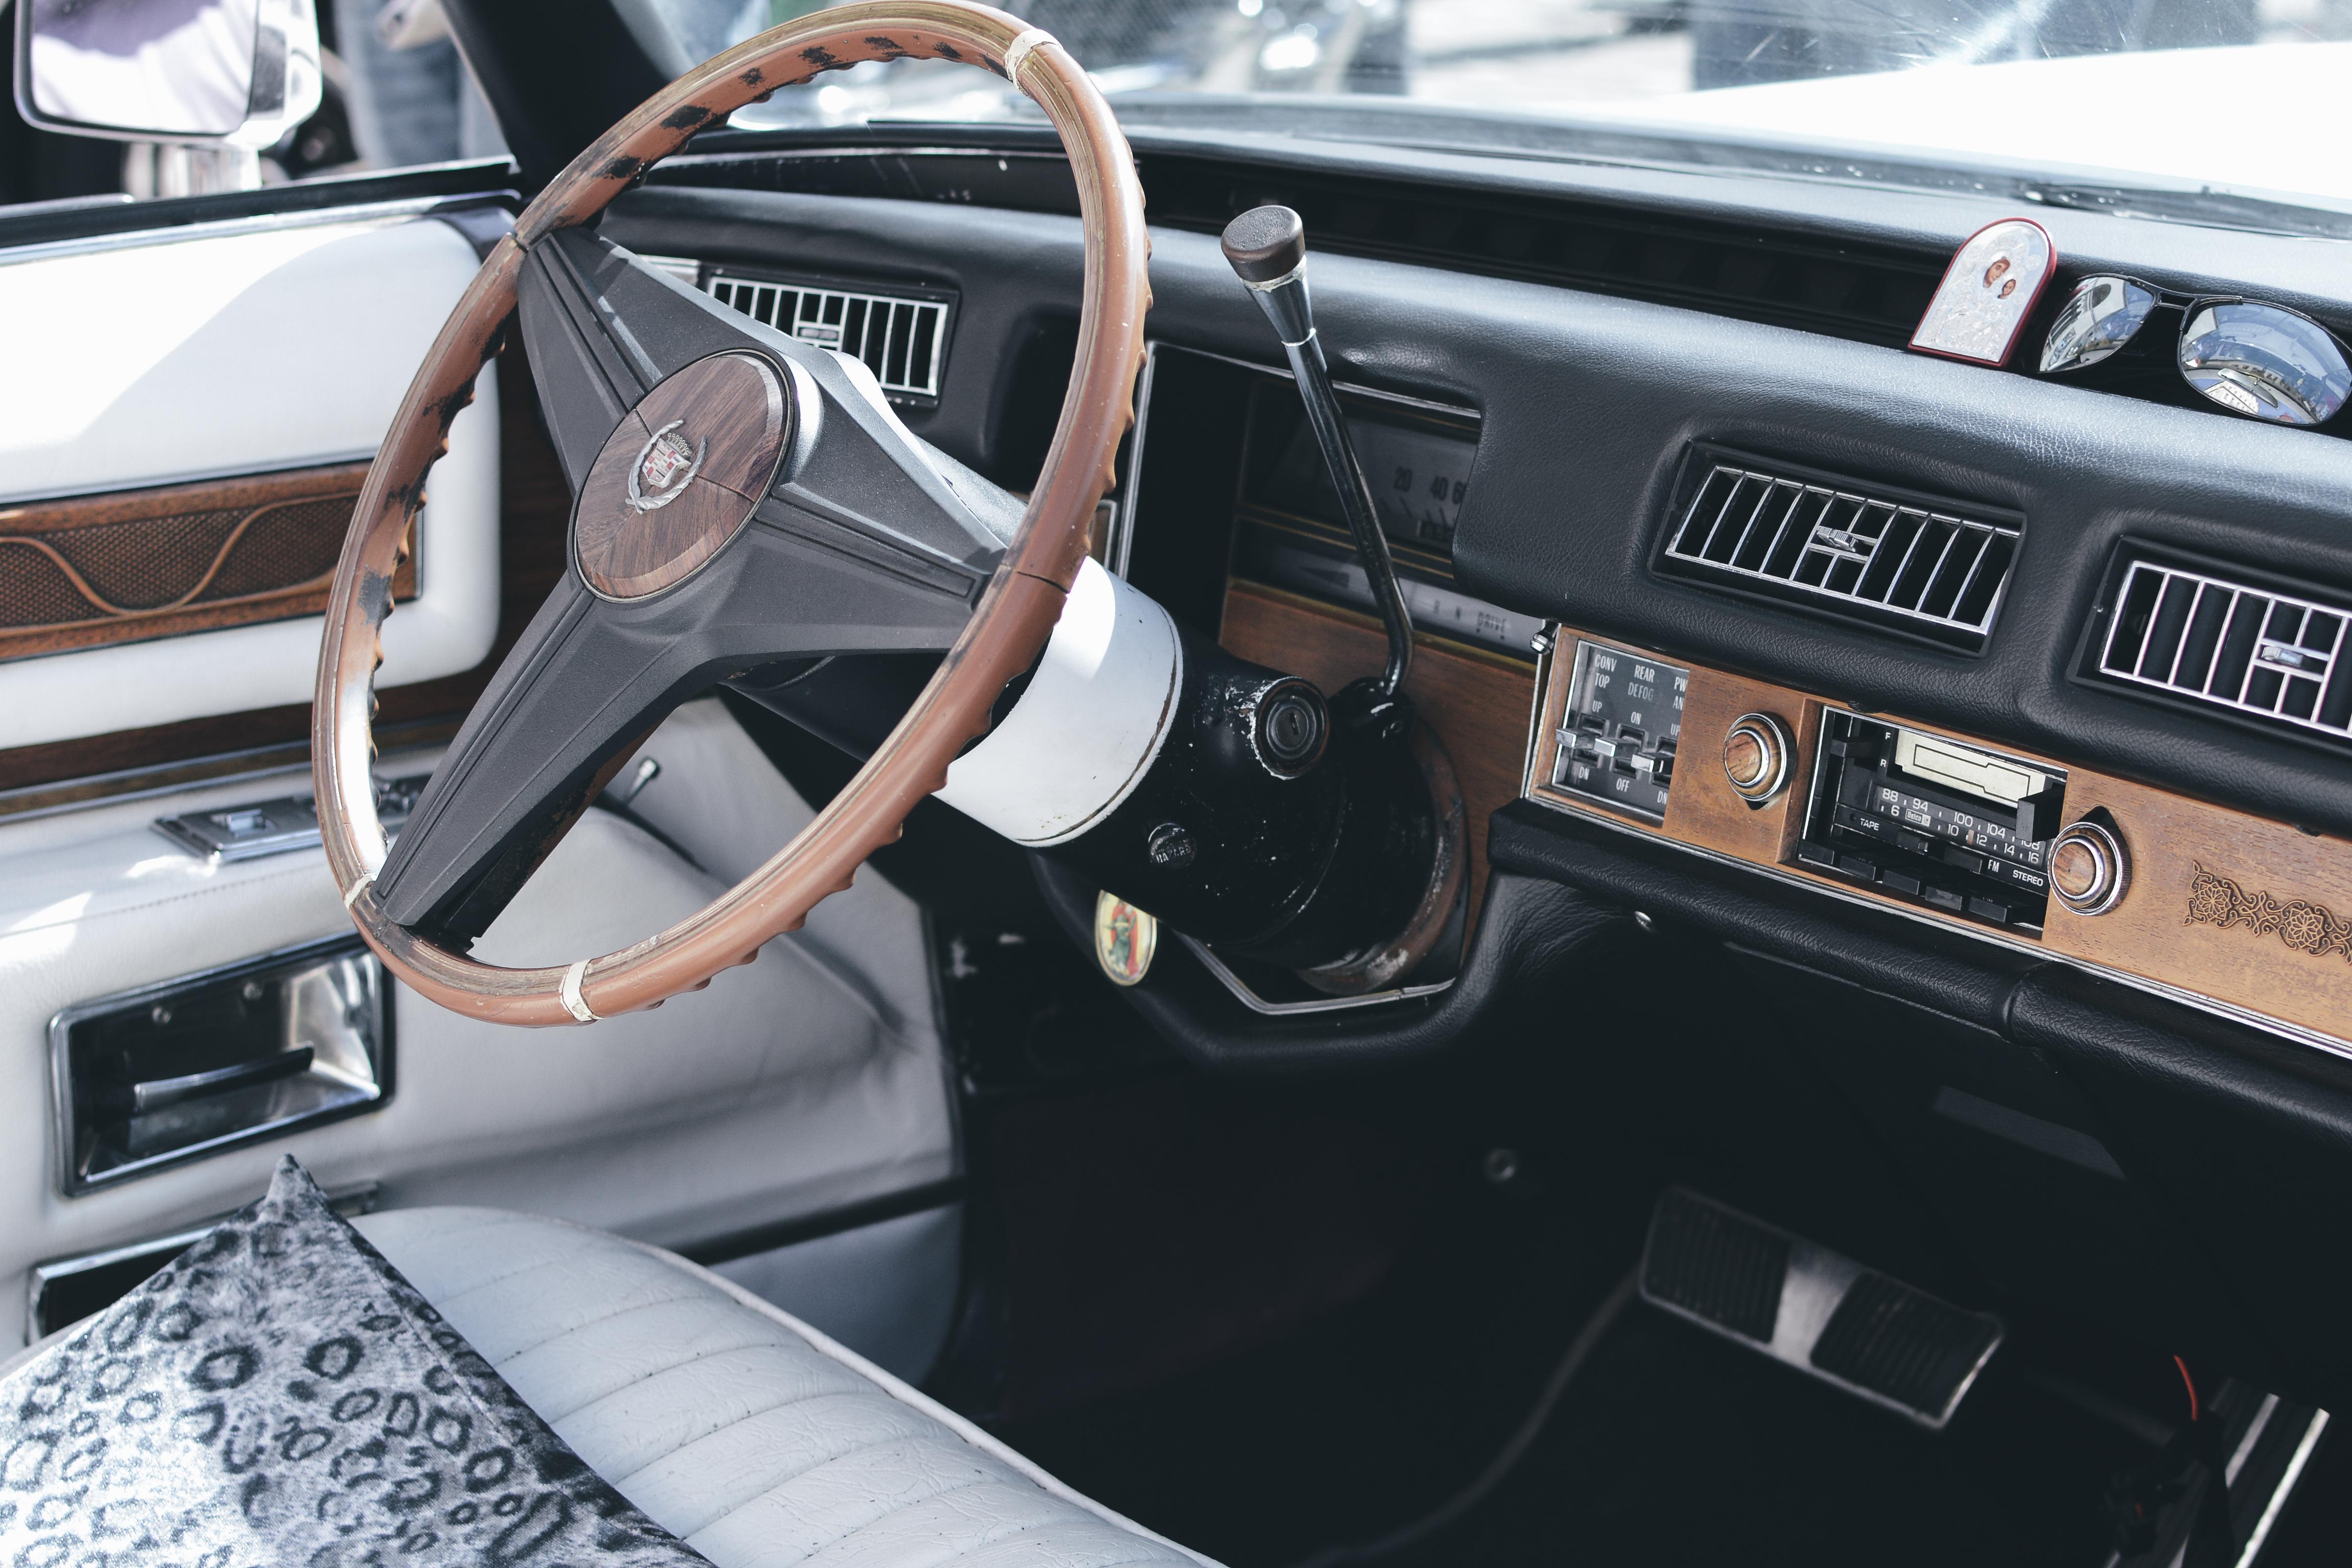 Brown and Black Car Steering Wheel